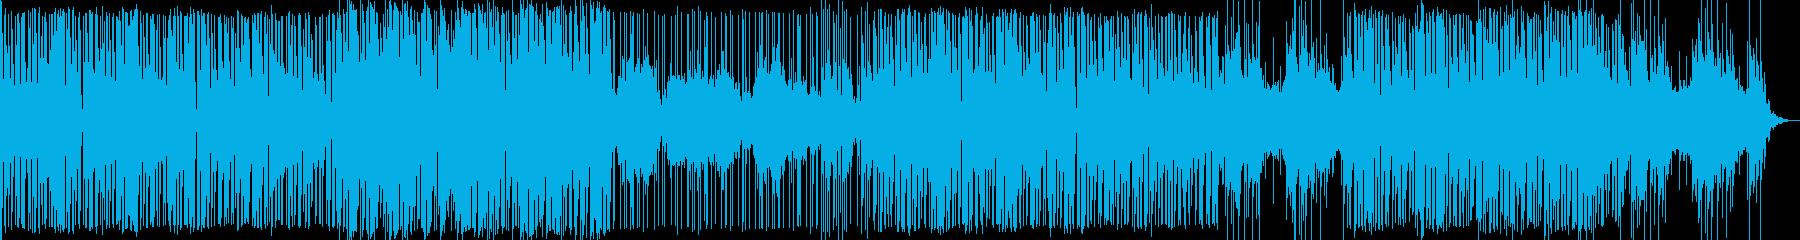 アップテンポでエネルギッシュなジャズの再生済みの波形